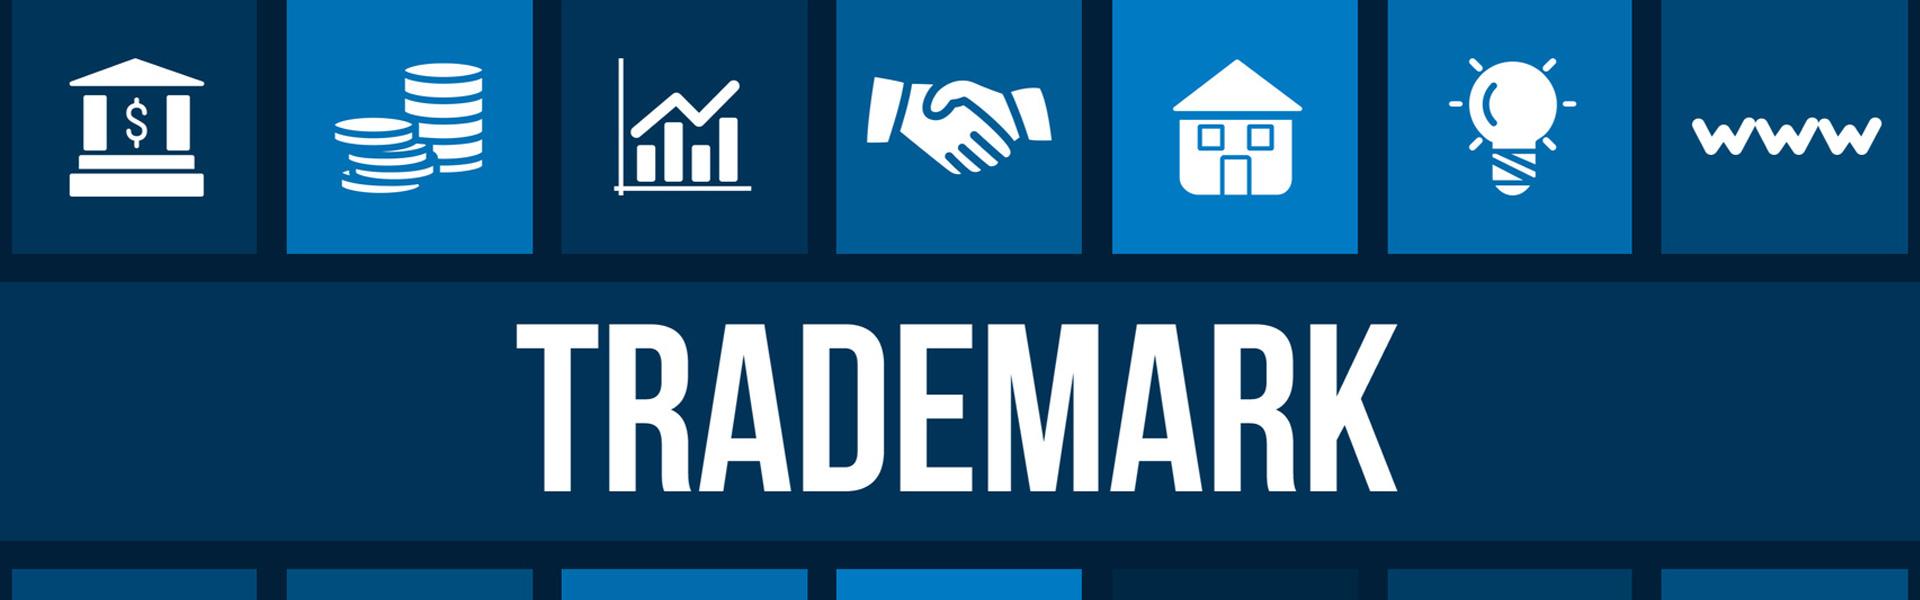 Process For Trademark Registration In Delhi